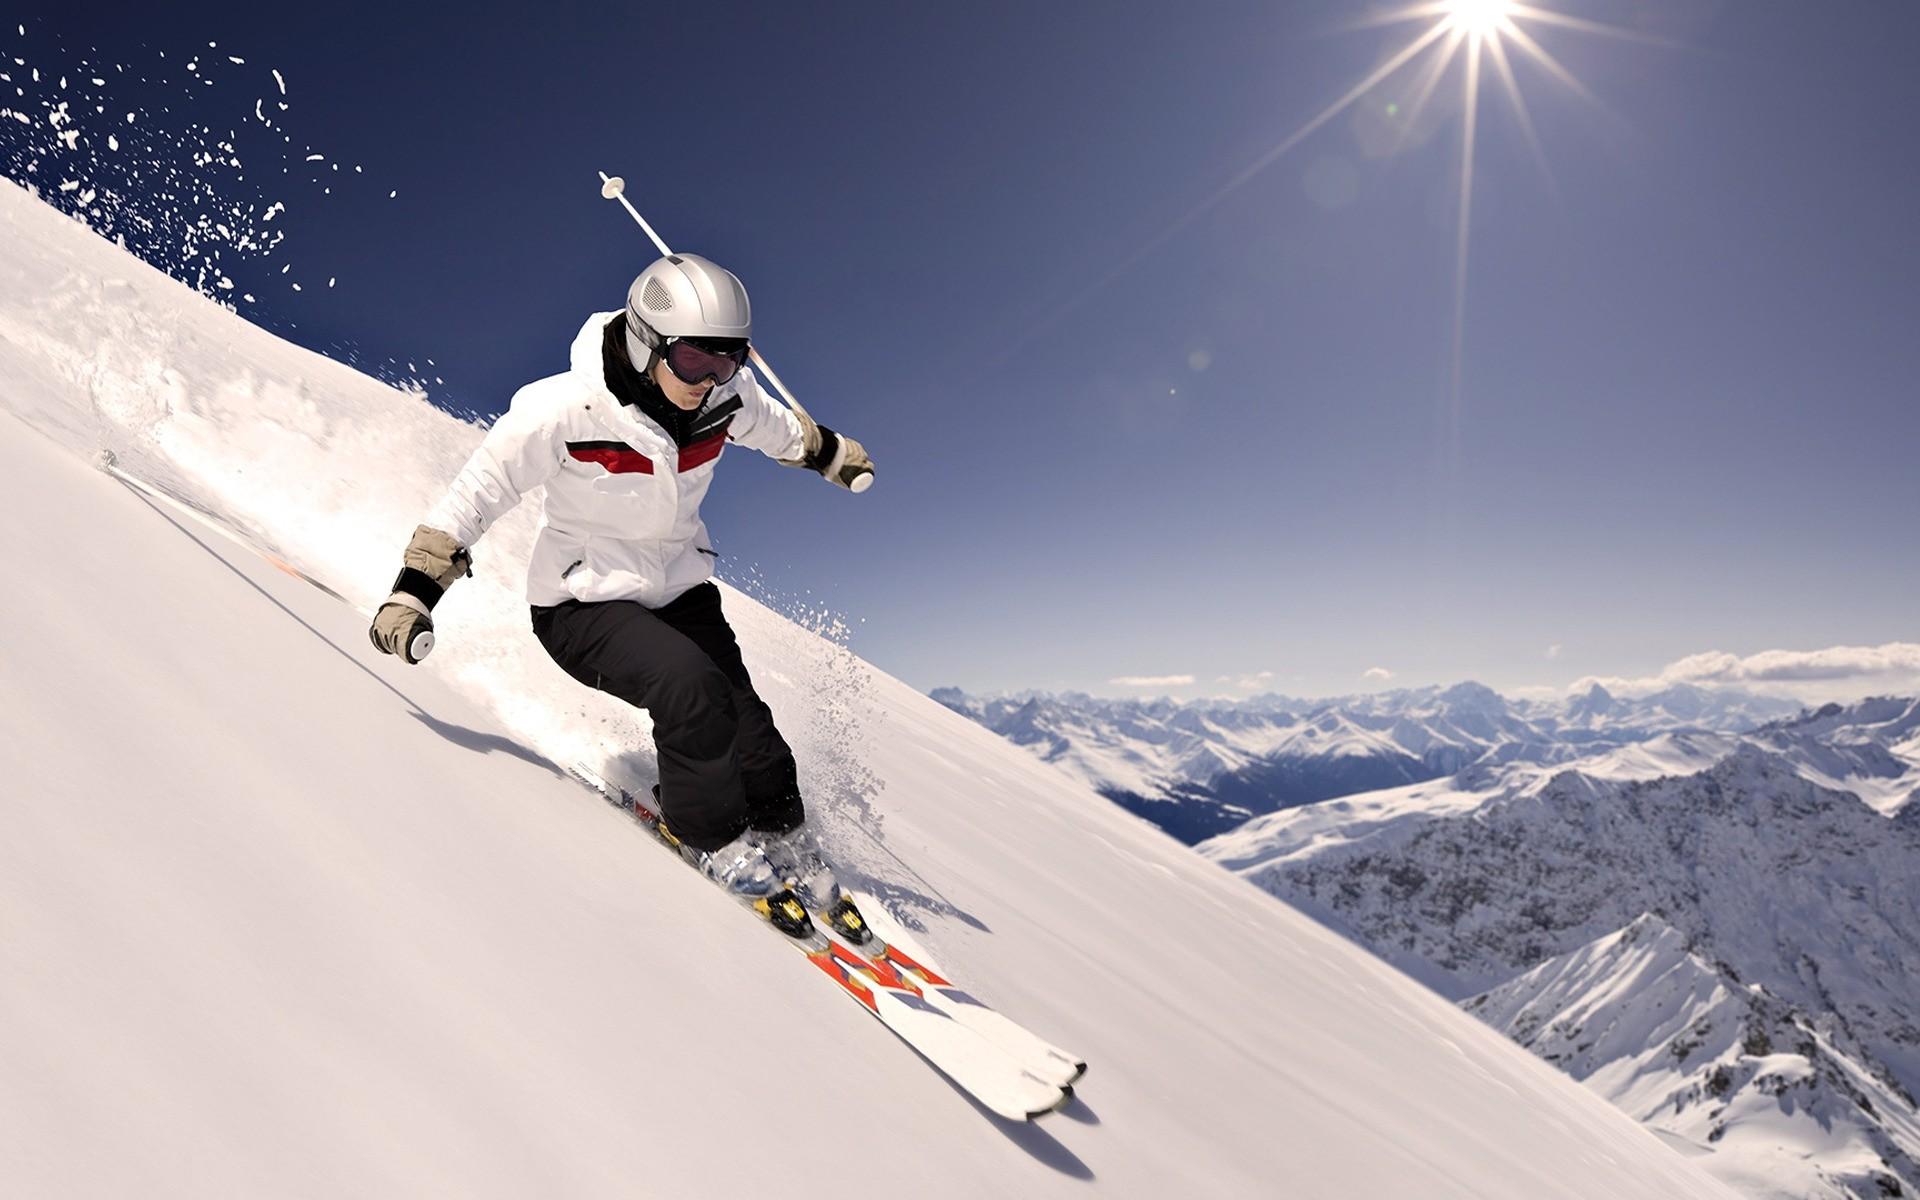 Обои лыжник, спуск, склон. Спорт foto 18